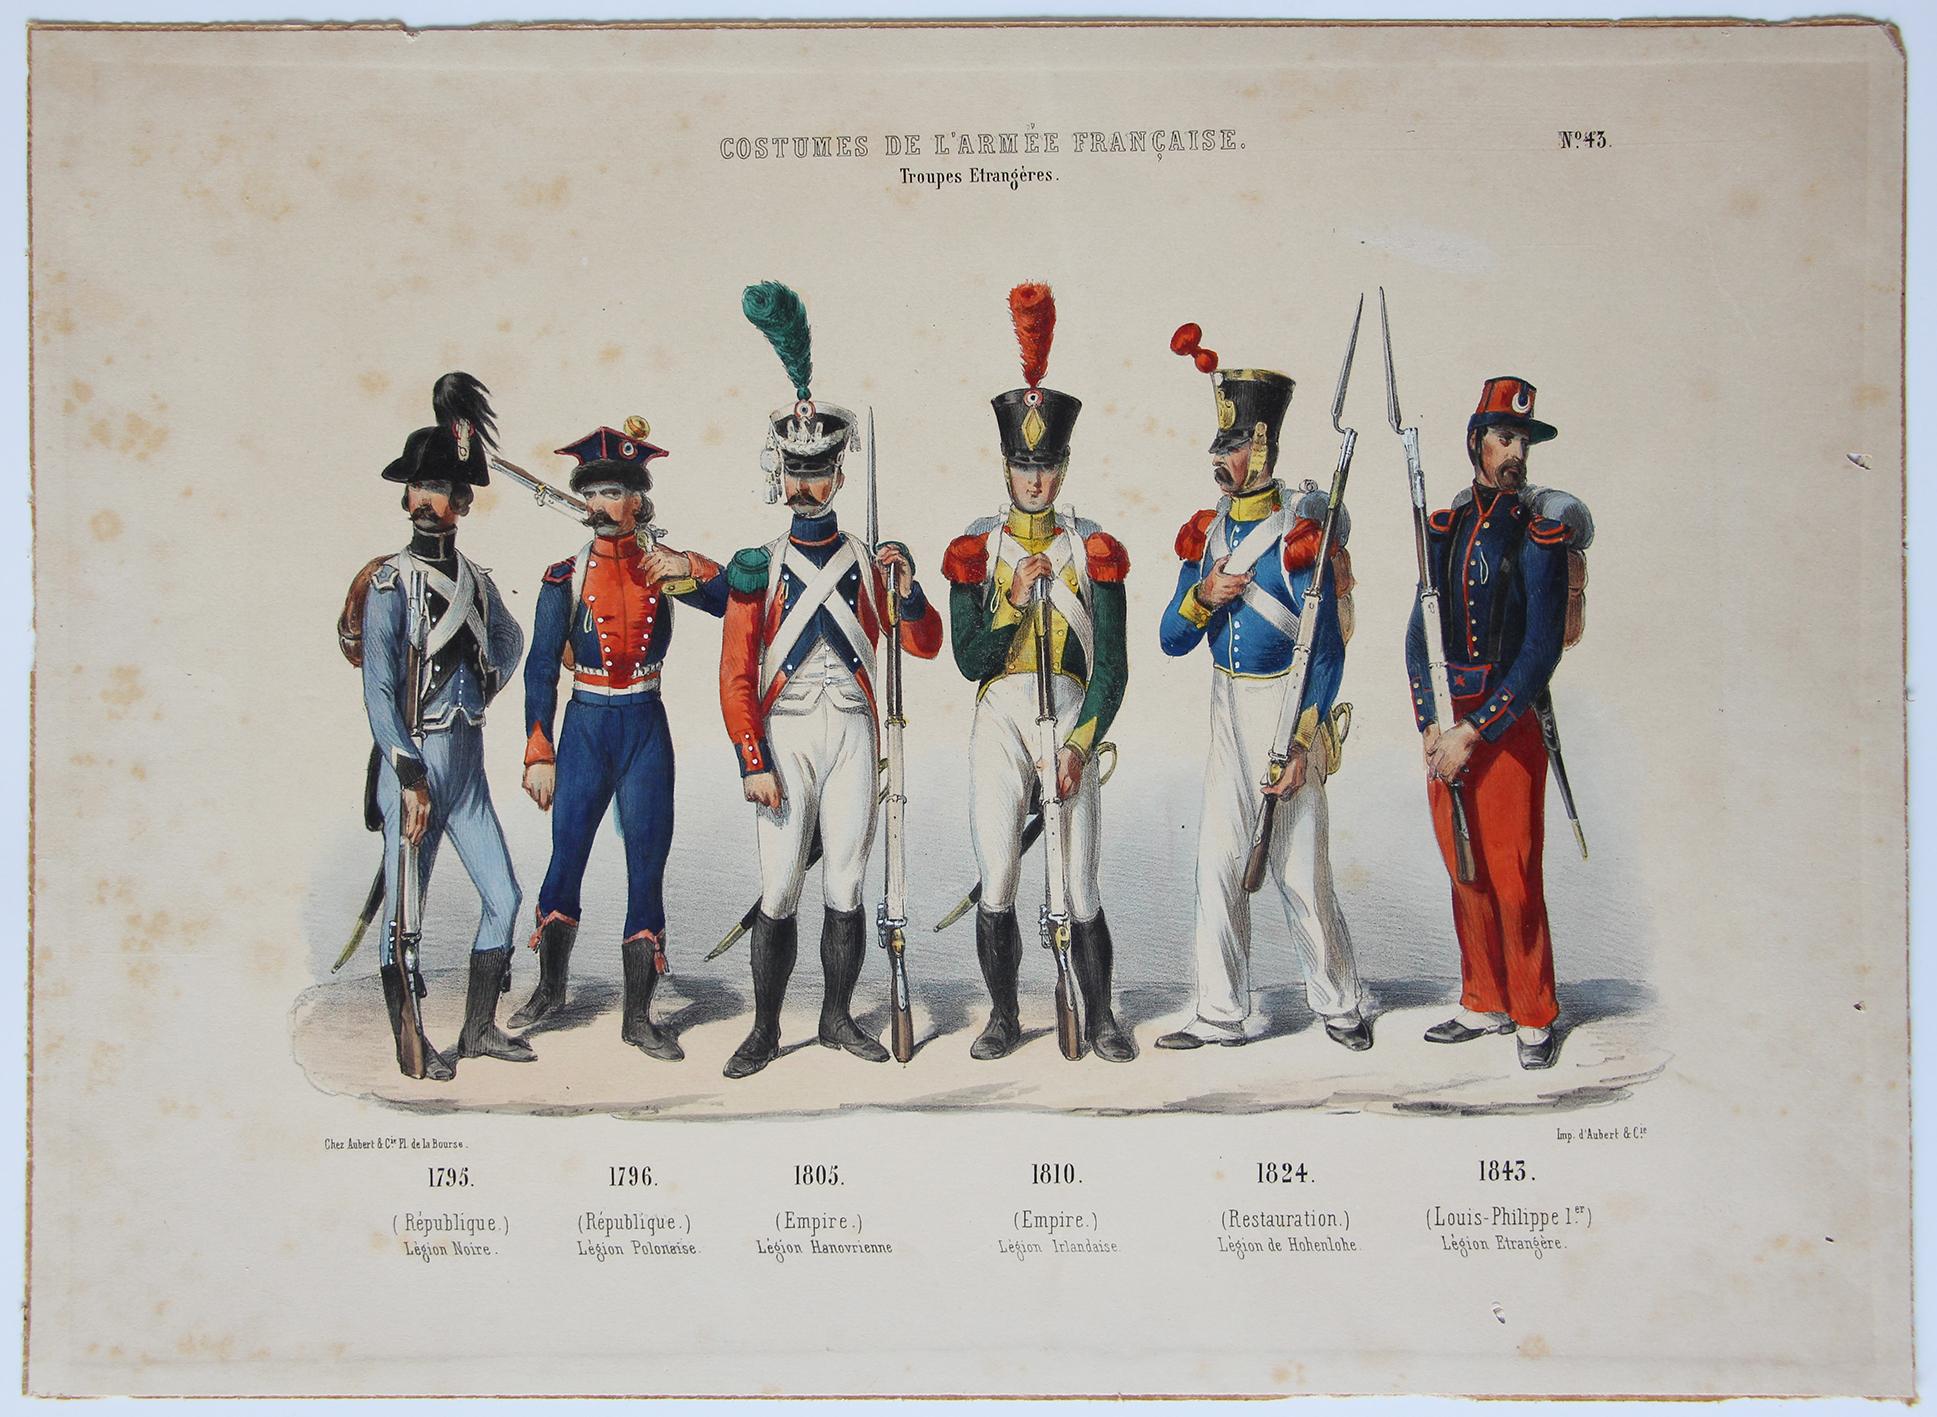 Planche ancienne sur l'armée Française - Charles Vernier - Costumes de l'armée Française - Troupes Étrangères - Rehaussée à la main